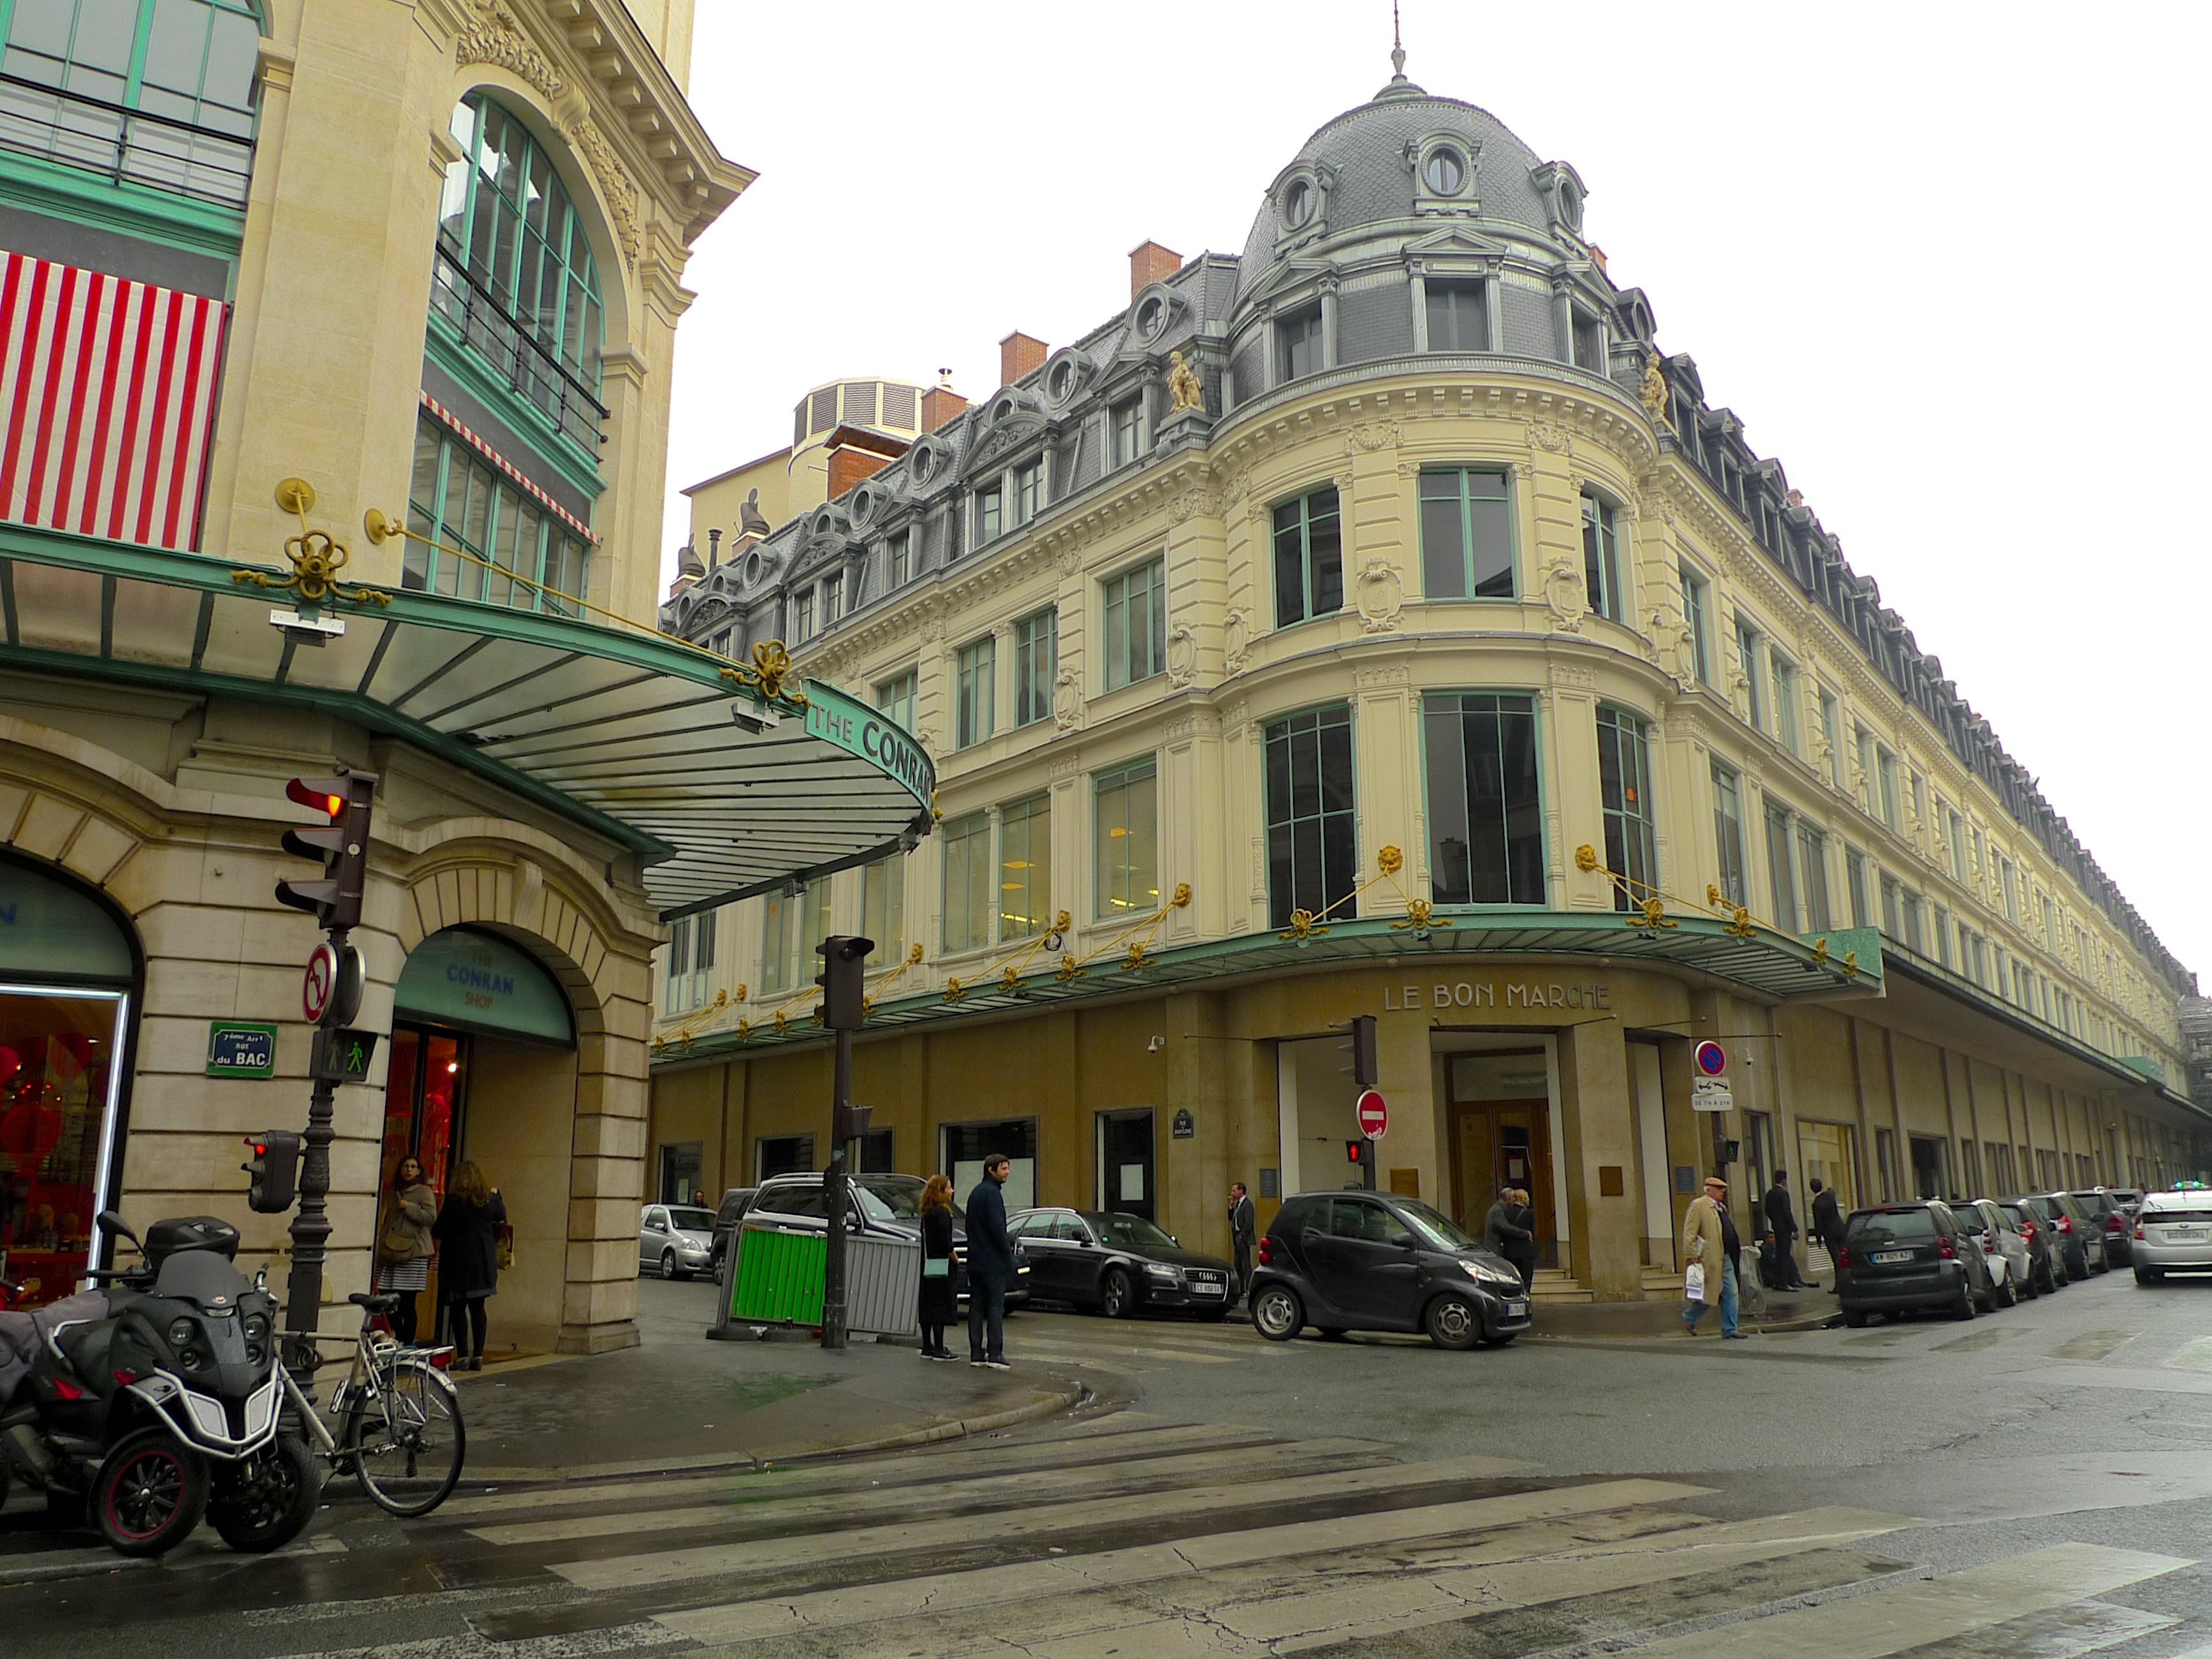 M tro line 12 soundlandscapes 39 blog - Poltrona frau rue du bac ...